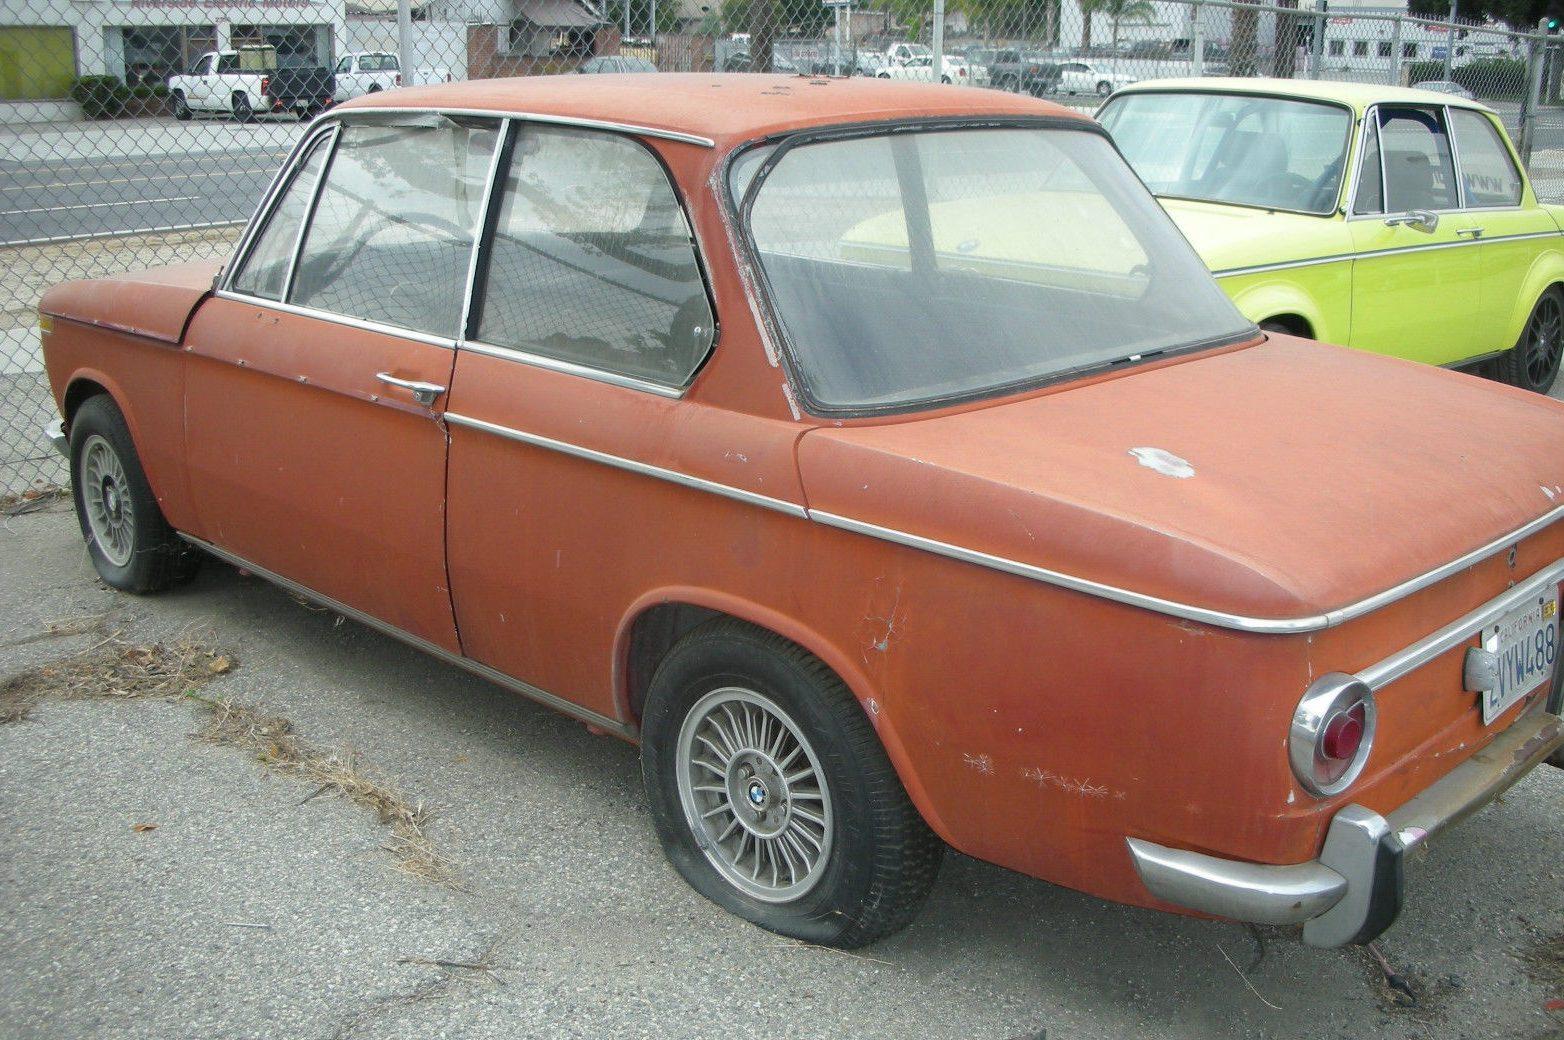 Bargain Roundie: 1968 BMW 2002